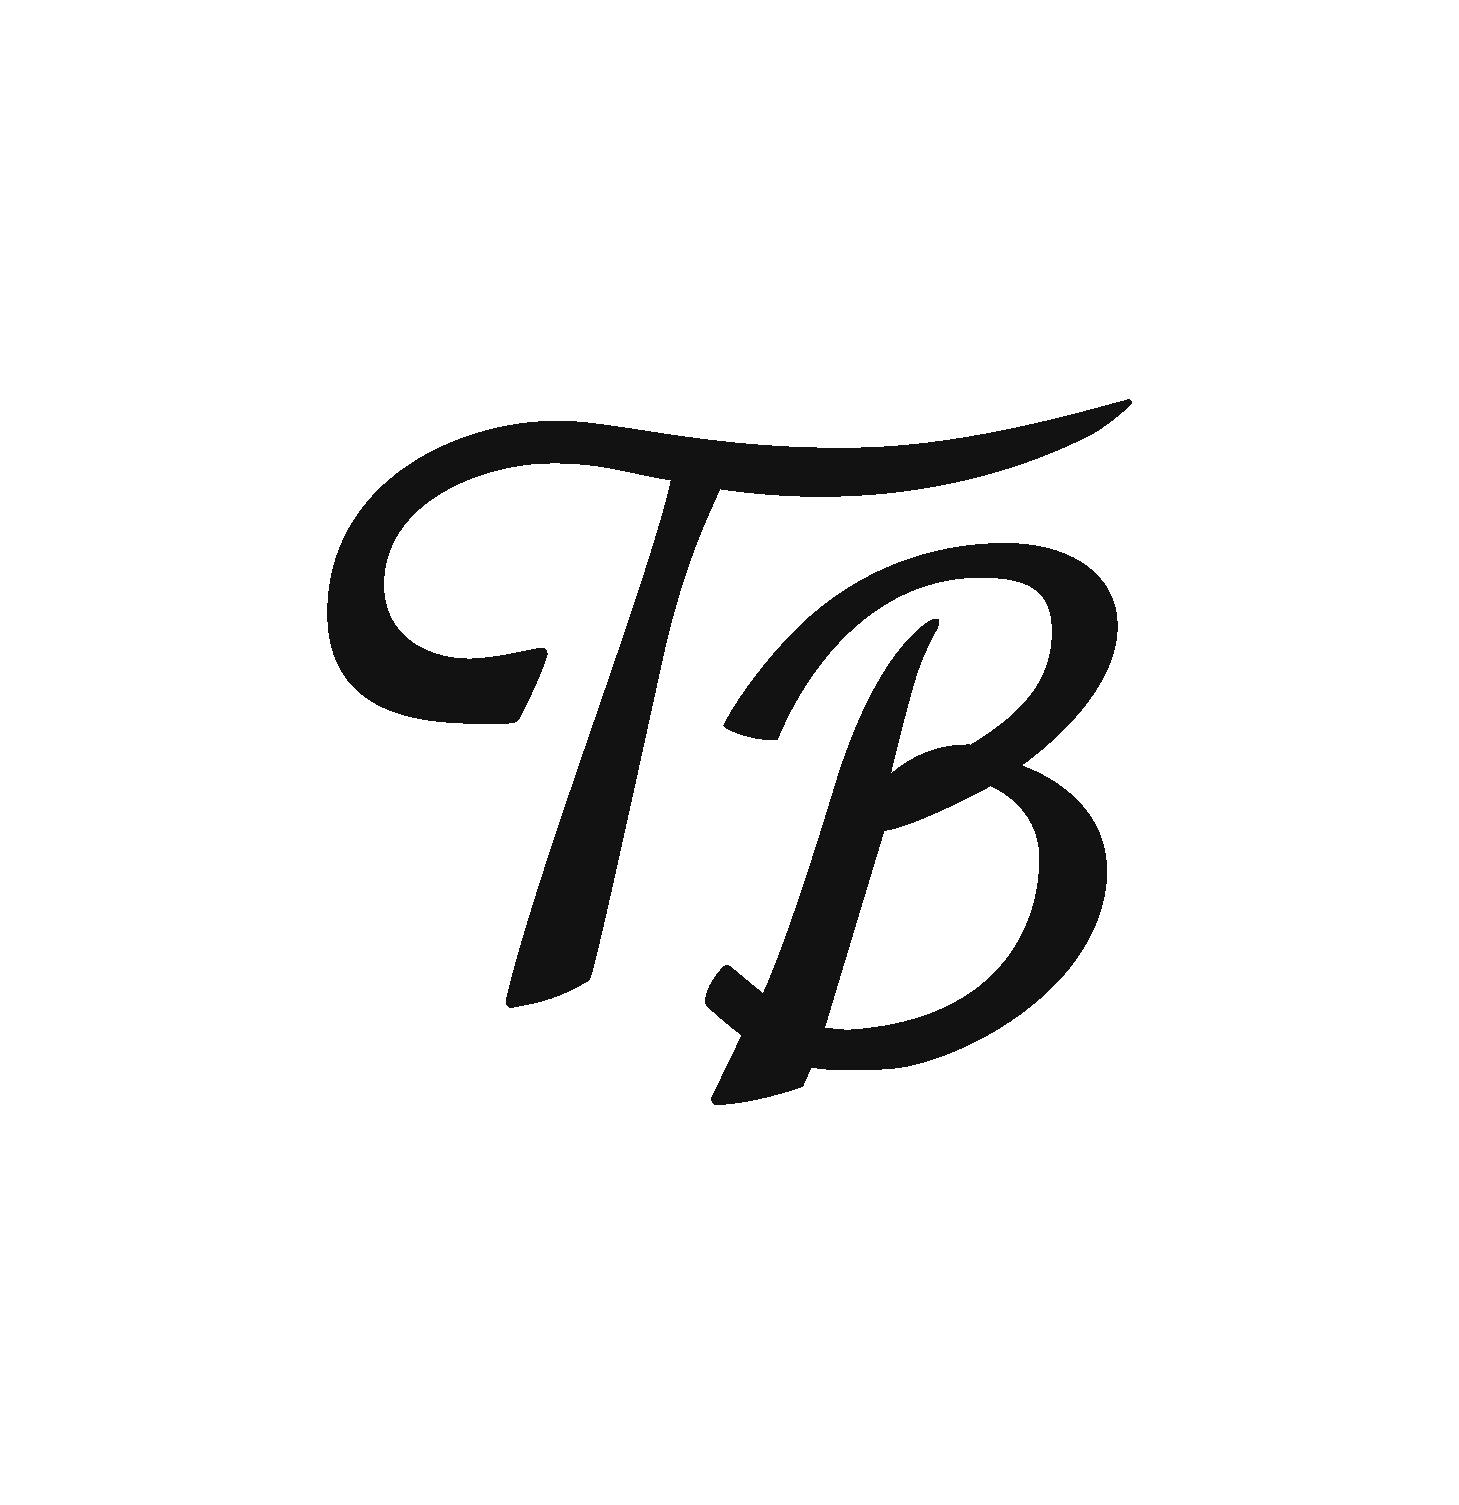 Two Bits sub logo: TB